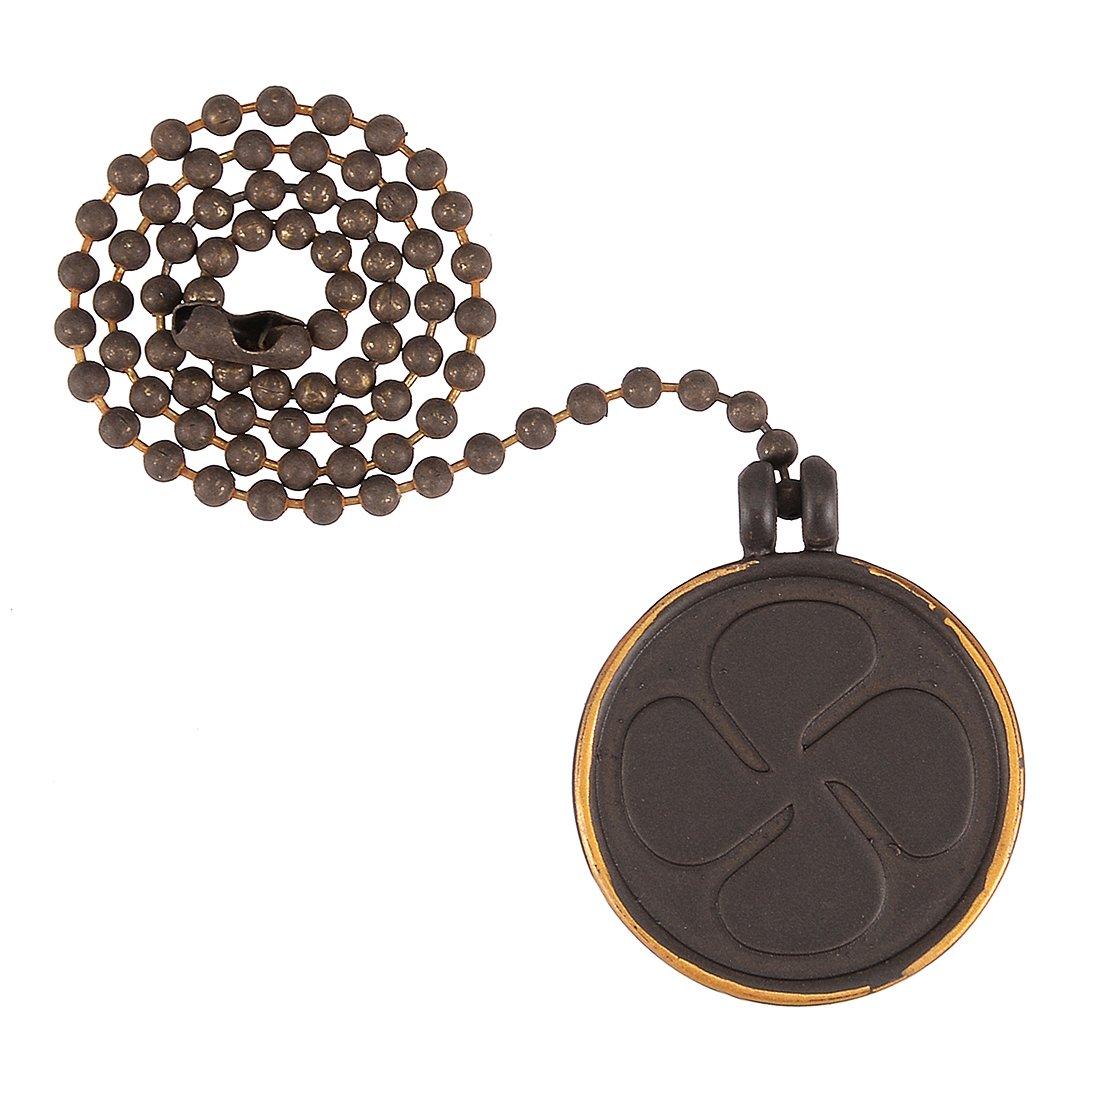 sourcing map 2pcs Ventilador de techo tirar de la cadena de bronce 12 pulgadas Moneda Bombilla forma cadena de tirar